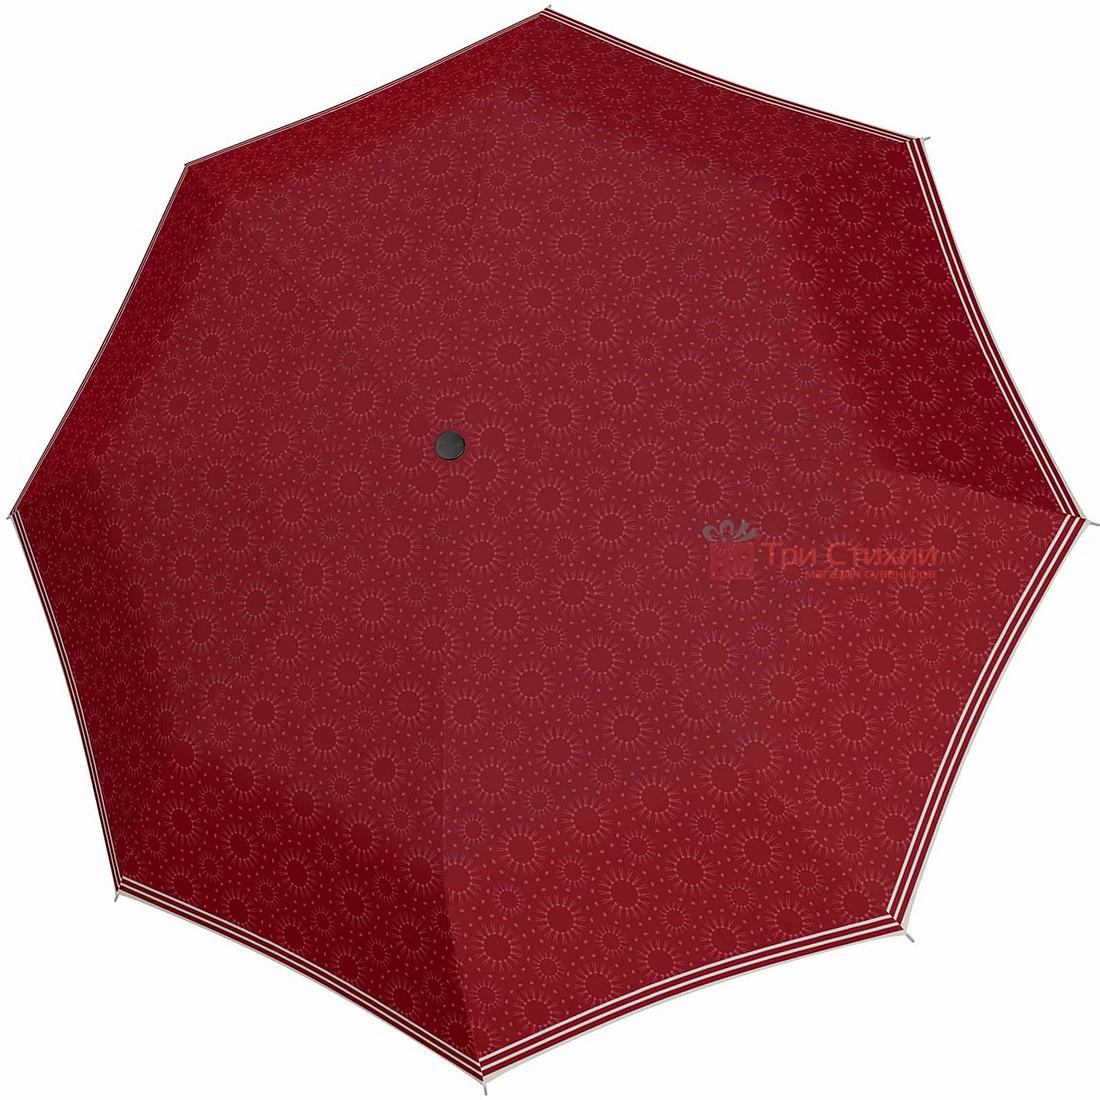 Парасолька складана Doppler 7301652903-3 напівавтомат Червона, Колір: Червоний, фото